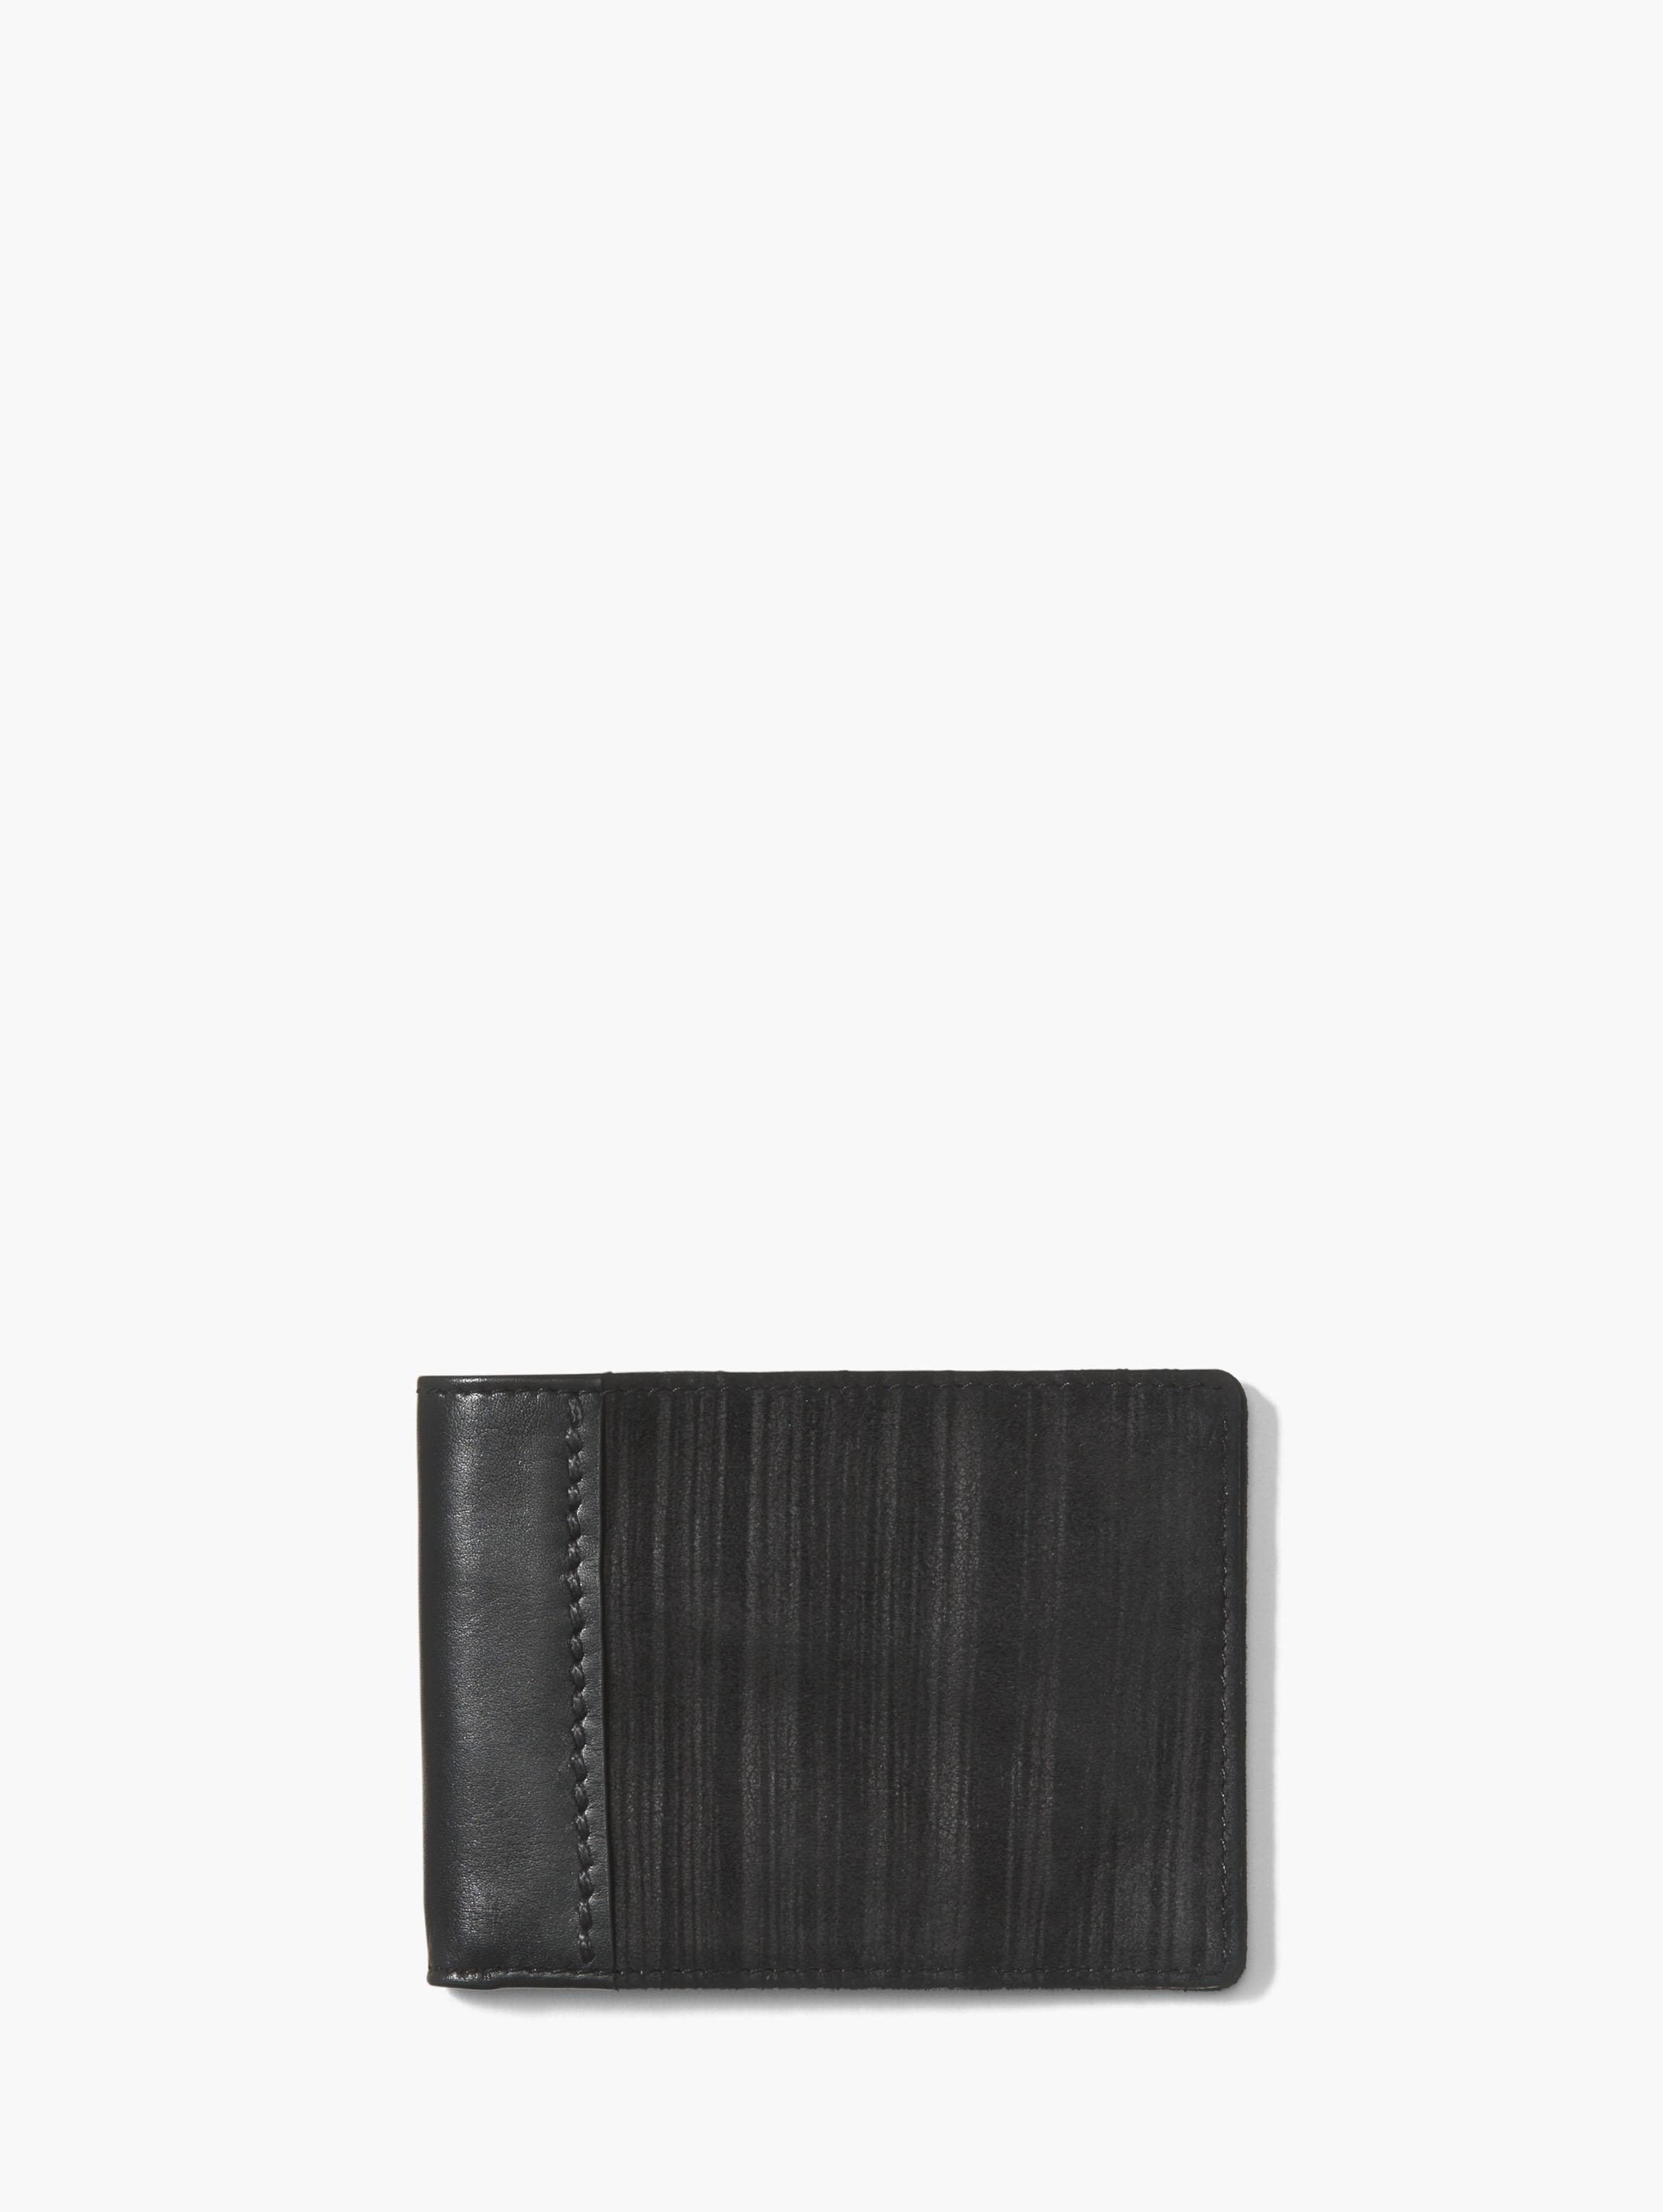 John Varvatos Pinstripe Bifold Wallet